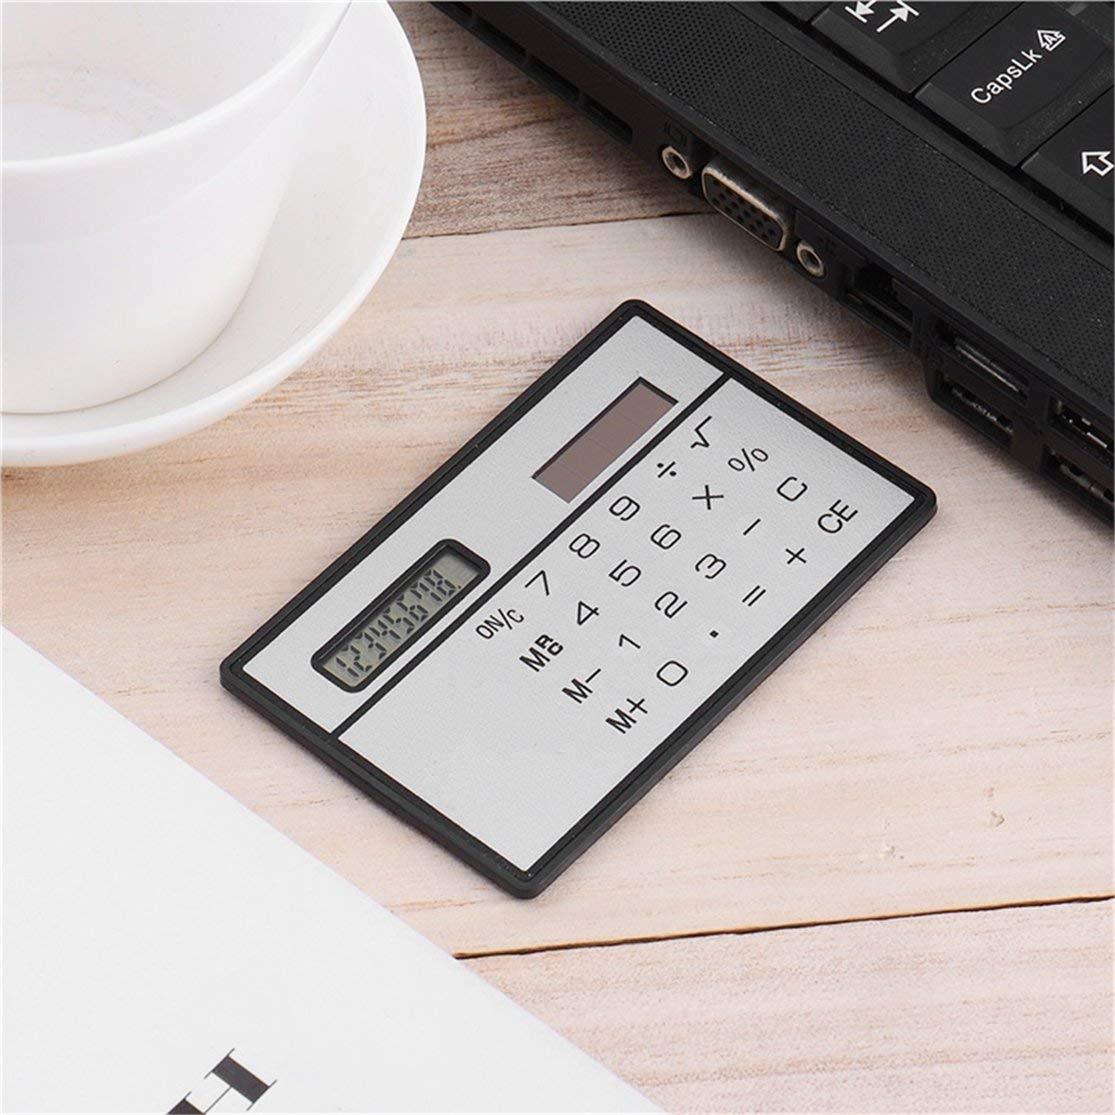 LouiseEvel215 8-stelliger ultrad/ünner Solarstrom-Rechner mit tragbarem Mini-Taschenrechner f/ür die Business School im Kreditkarten-Design mit Touchscreen